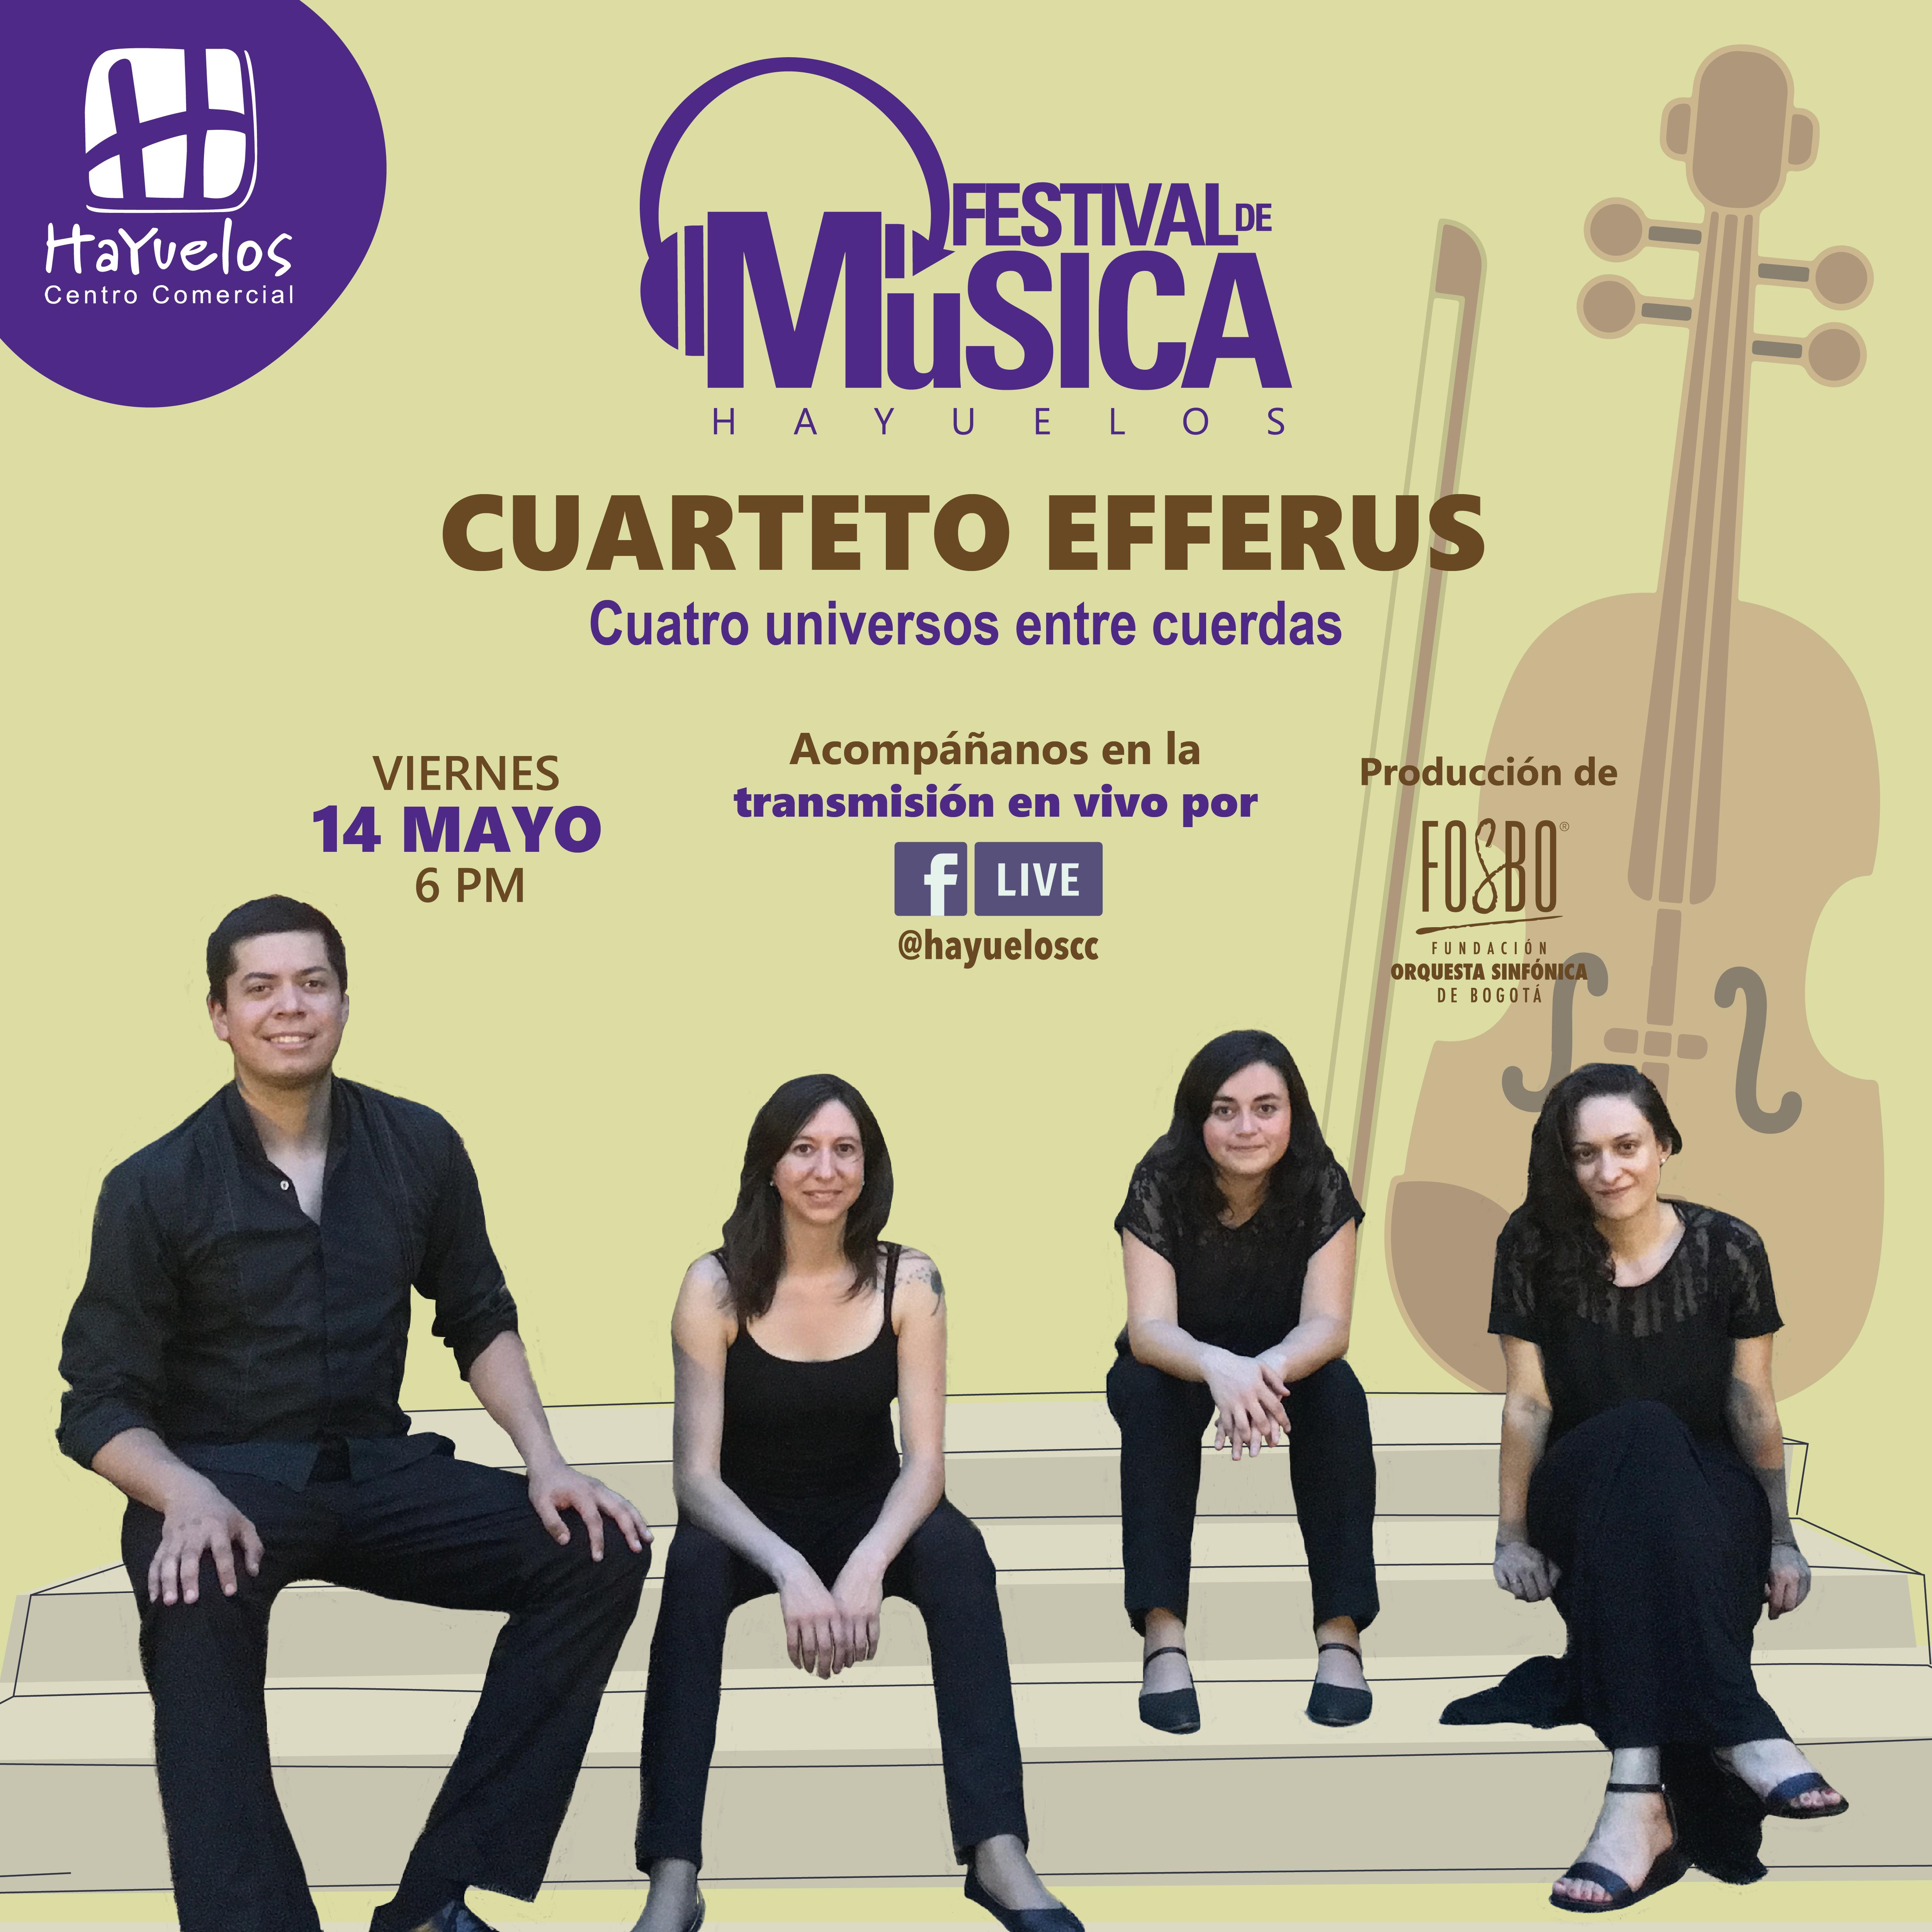 Cuarteto Efferus Festival de Música Hayuelos Fosbo